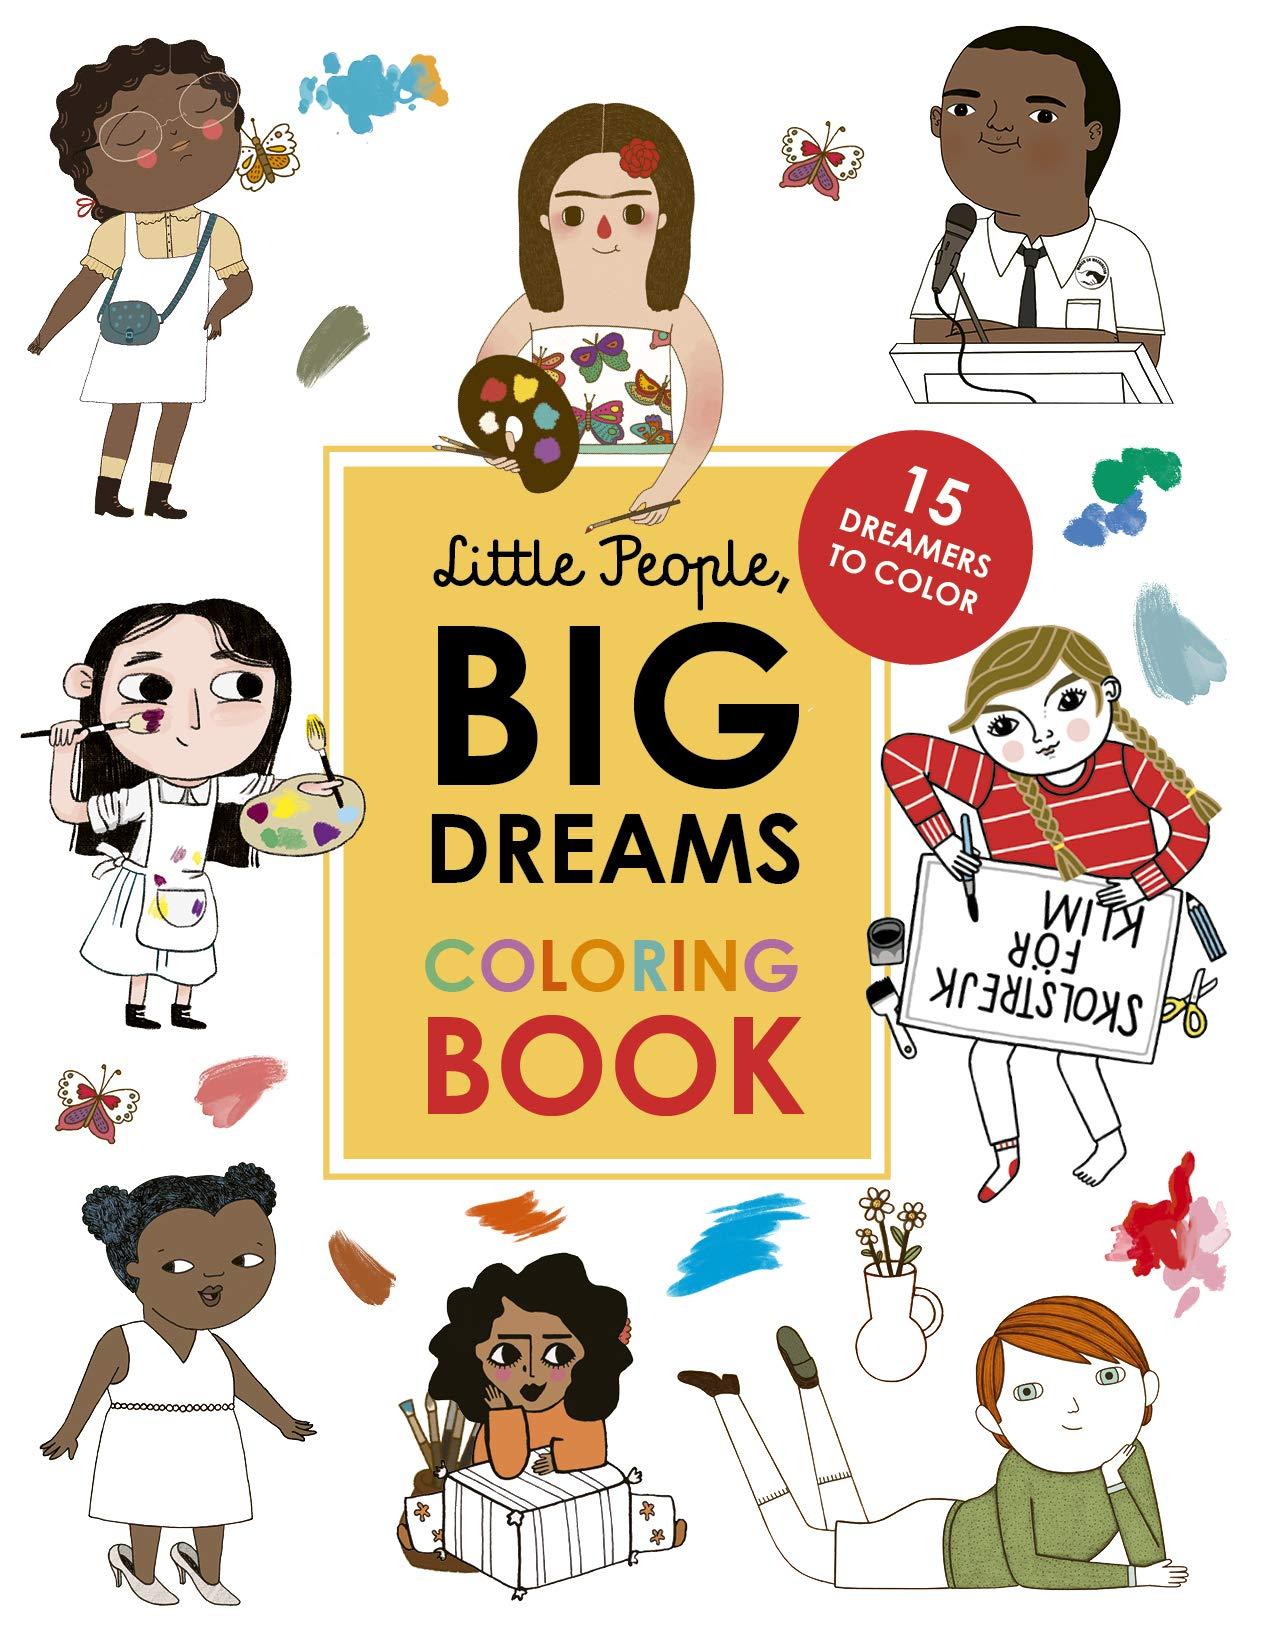 Little People Big Dreams Coloring Book 15 Dreamers To Color Amazon De Vegara Maria Isabel Sanchez Kaiser Lisbeth Fremdsprachige Bucher